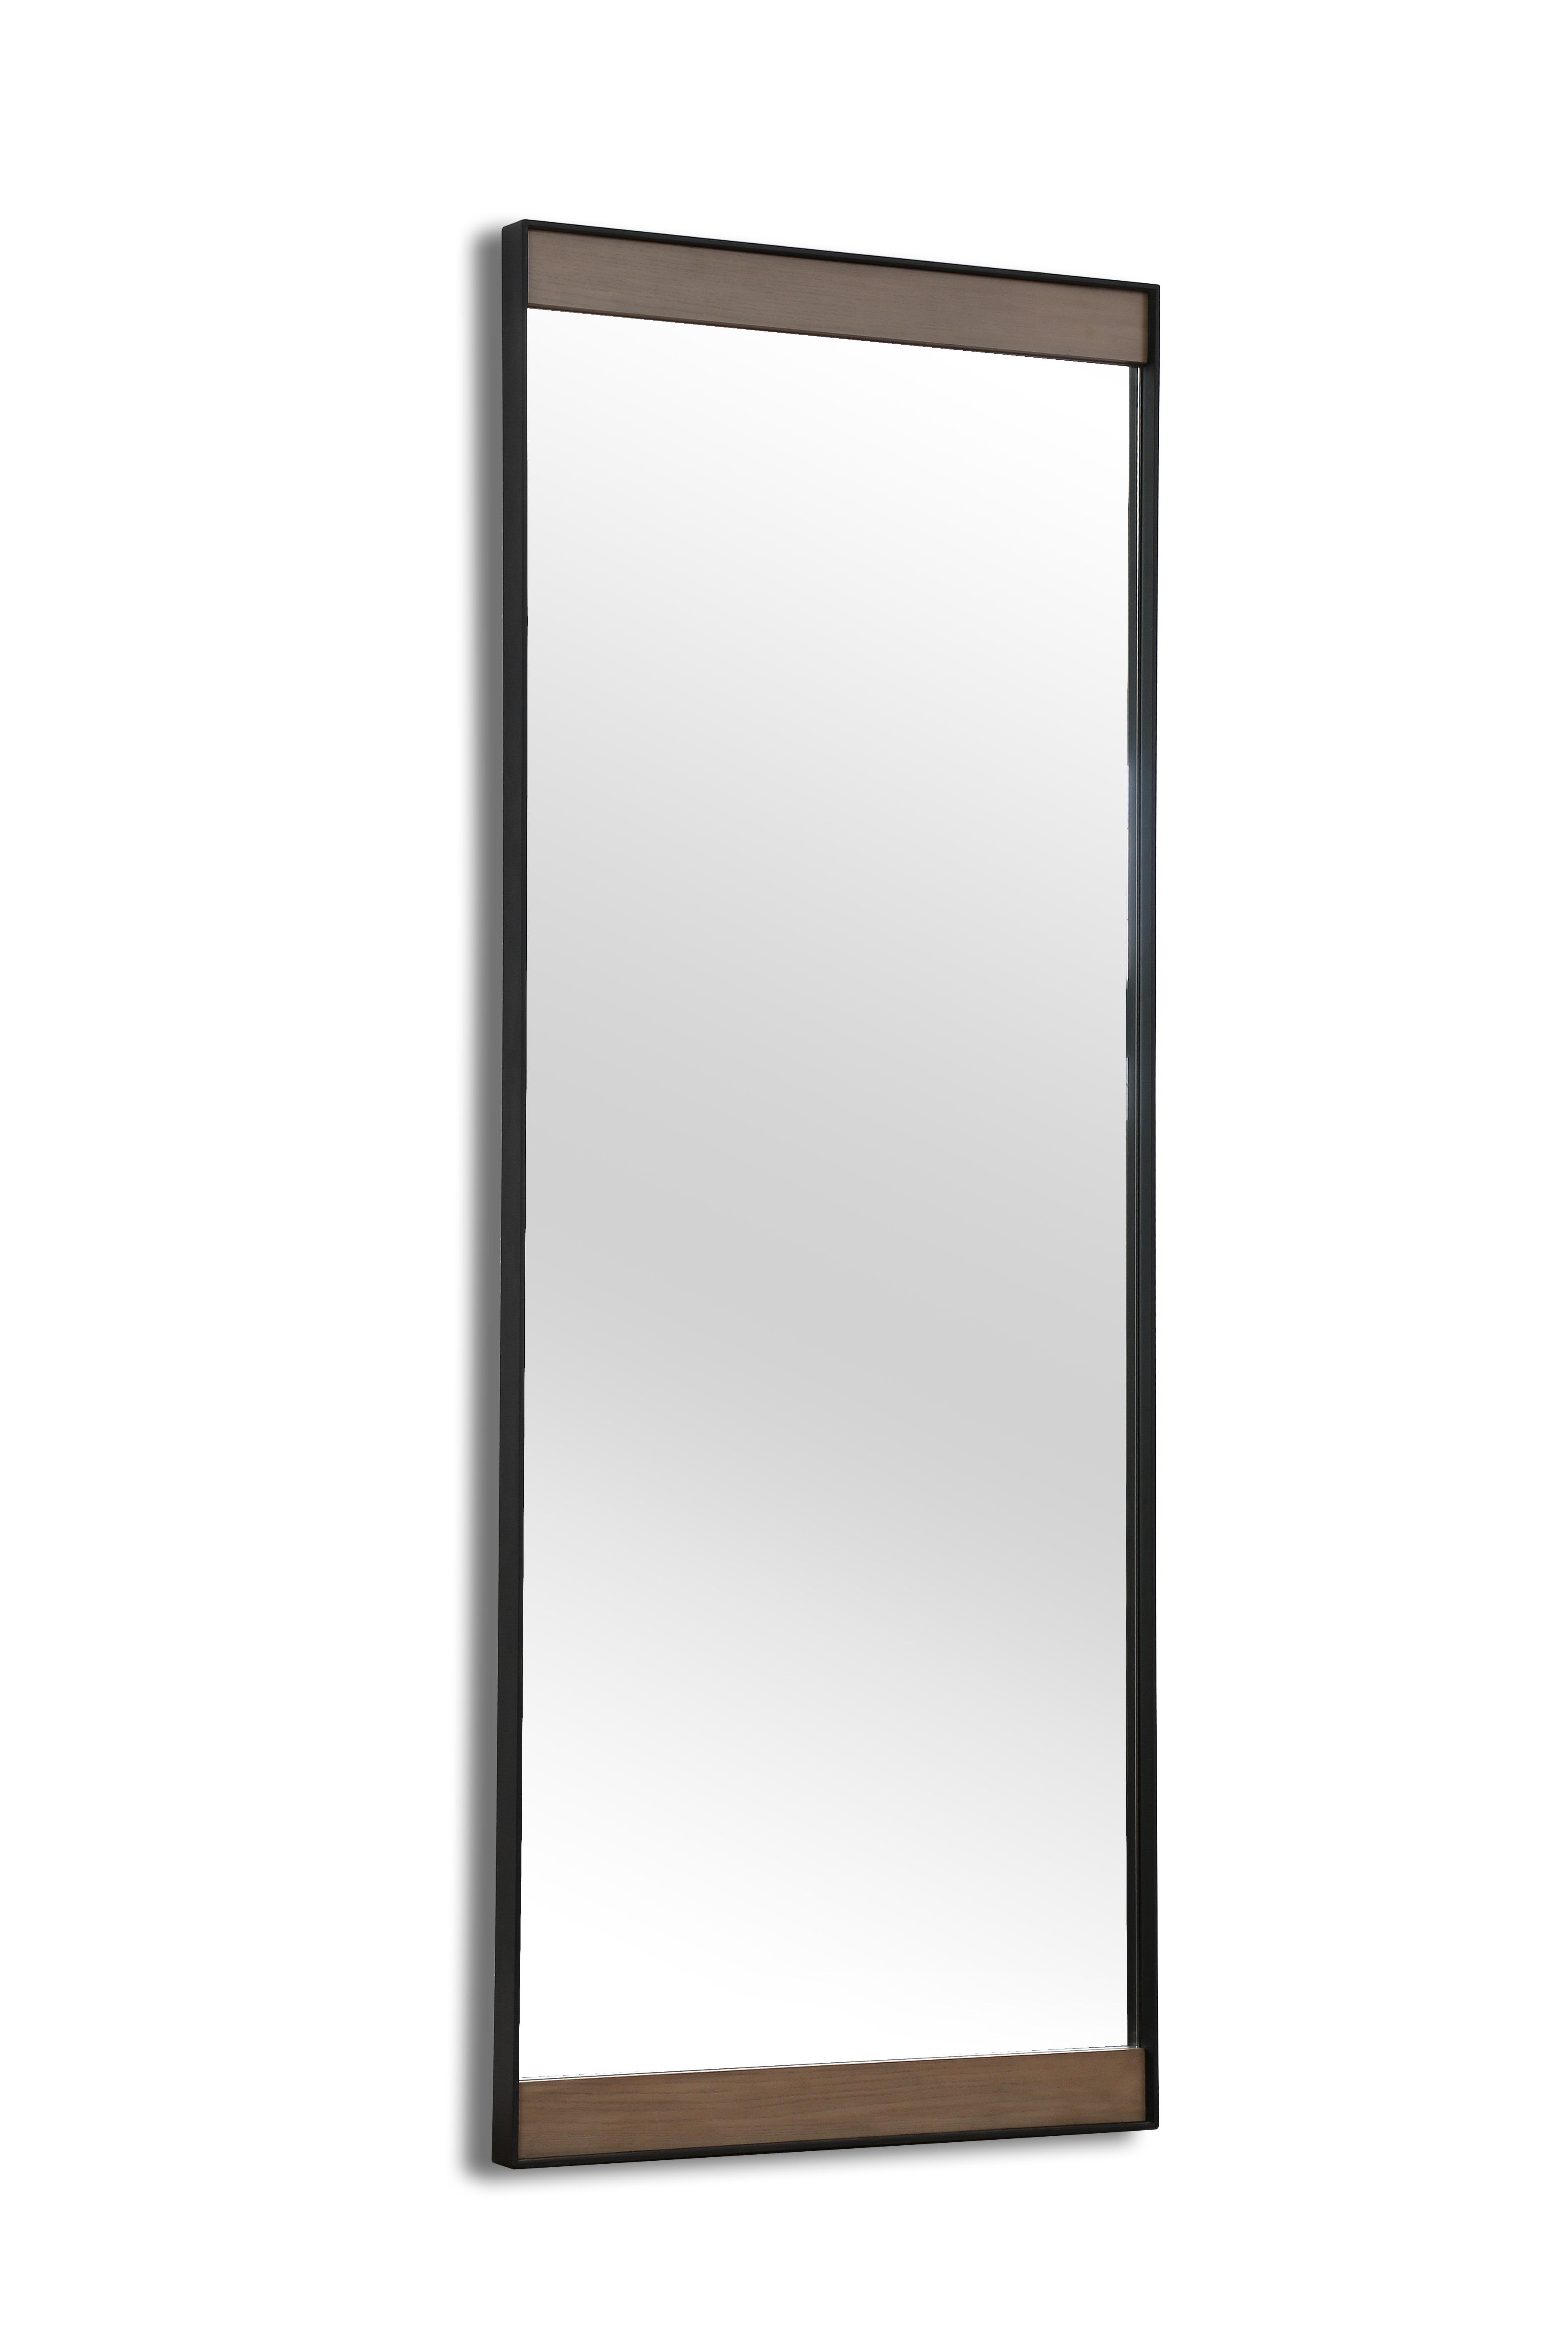 Mirror MR-02